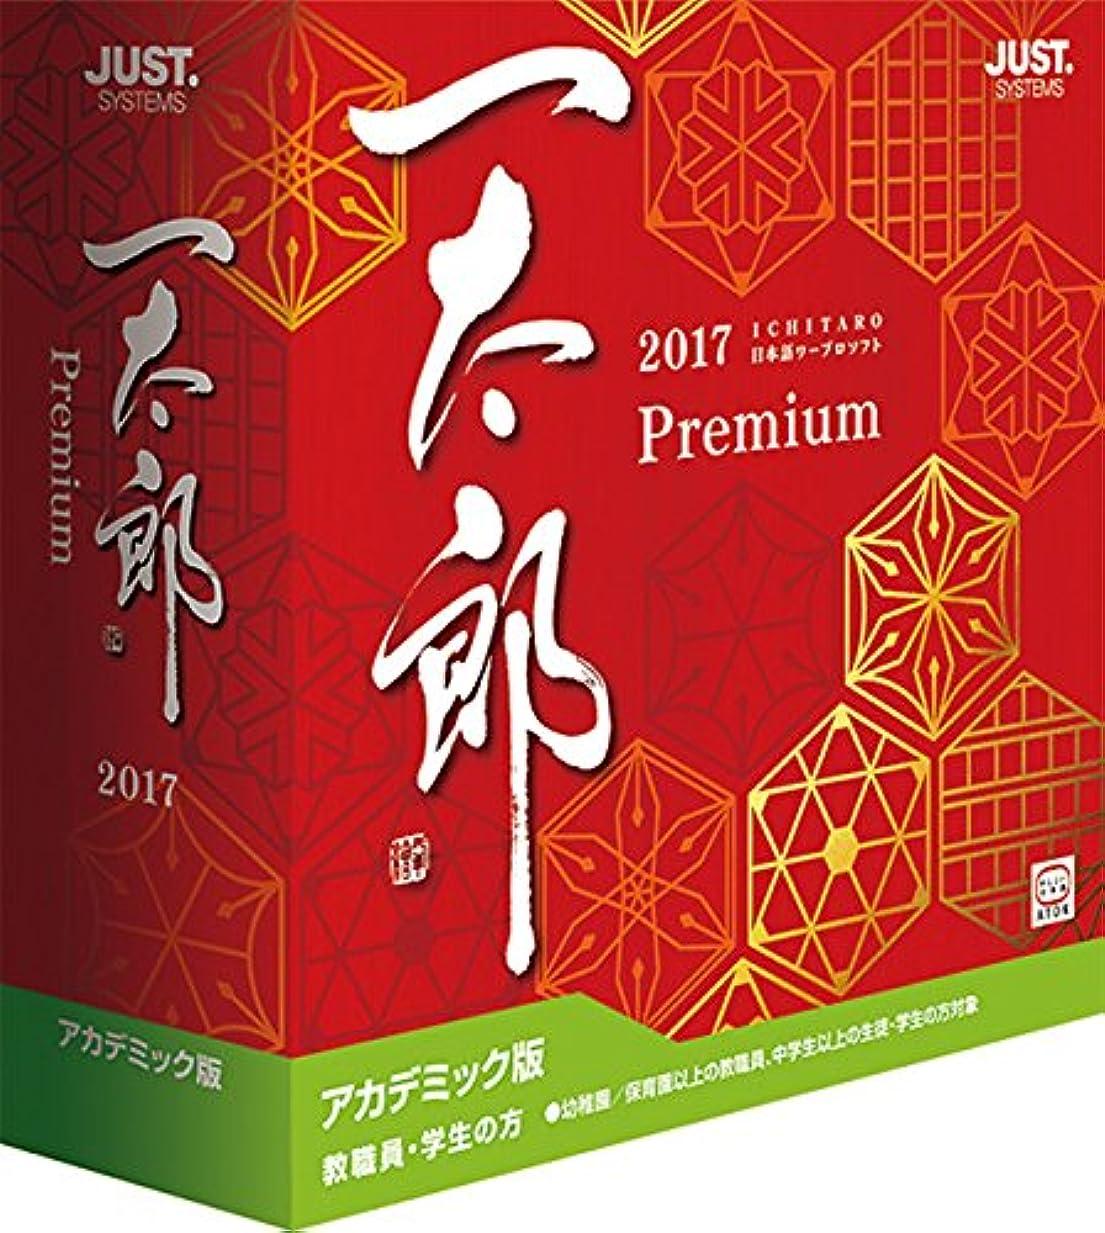 ぎこちないキリマンジャロ出版一太郎2017 プレミアム アカデミック版